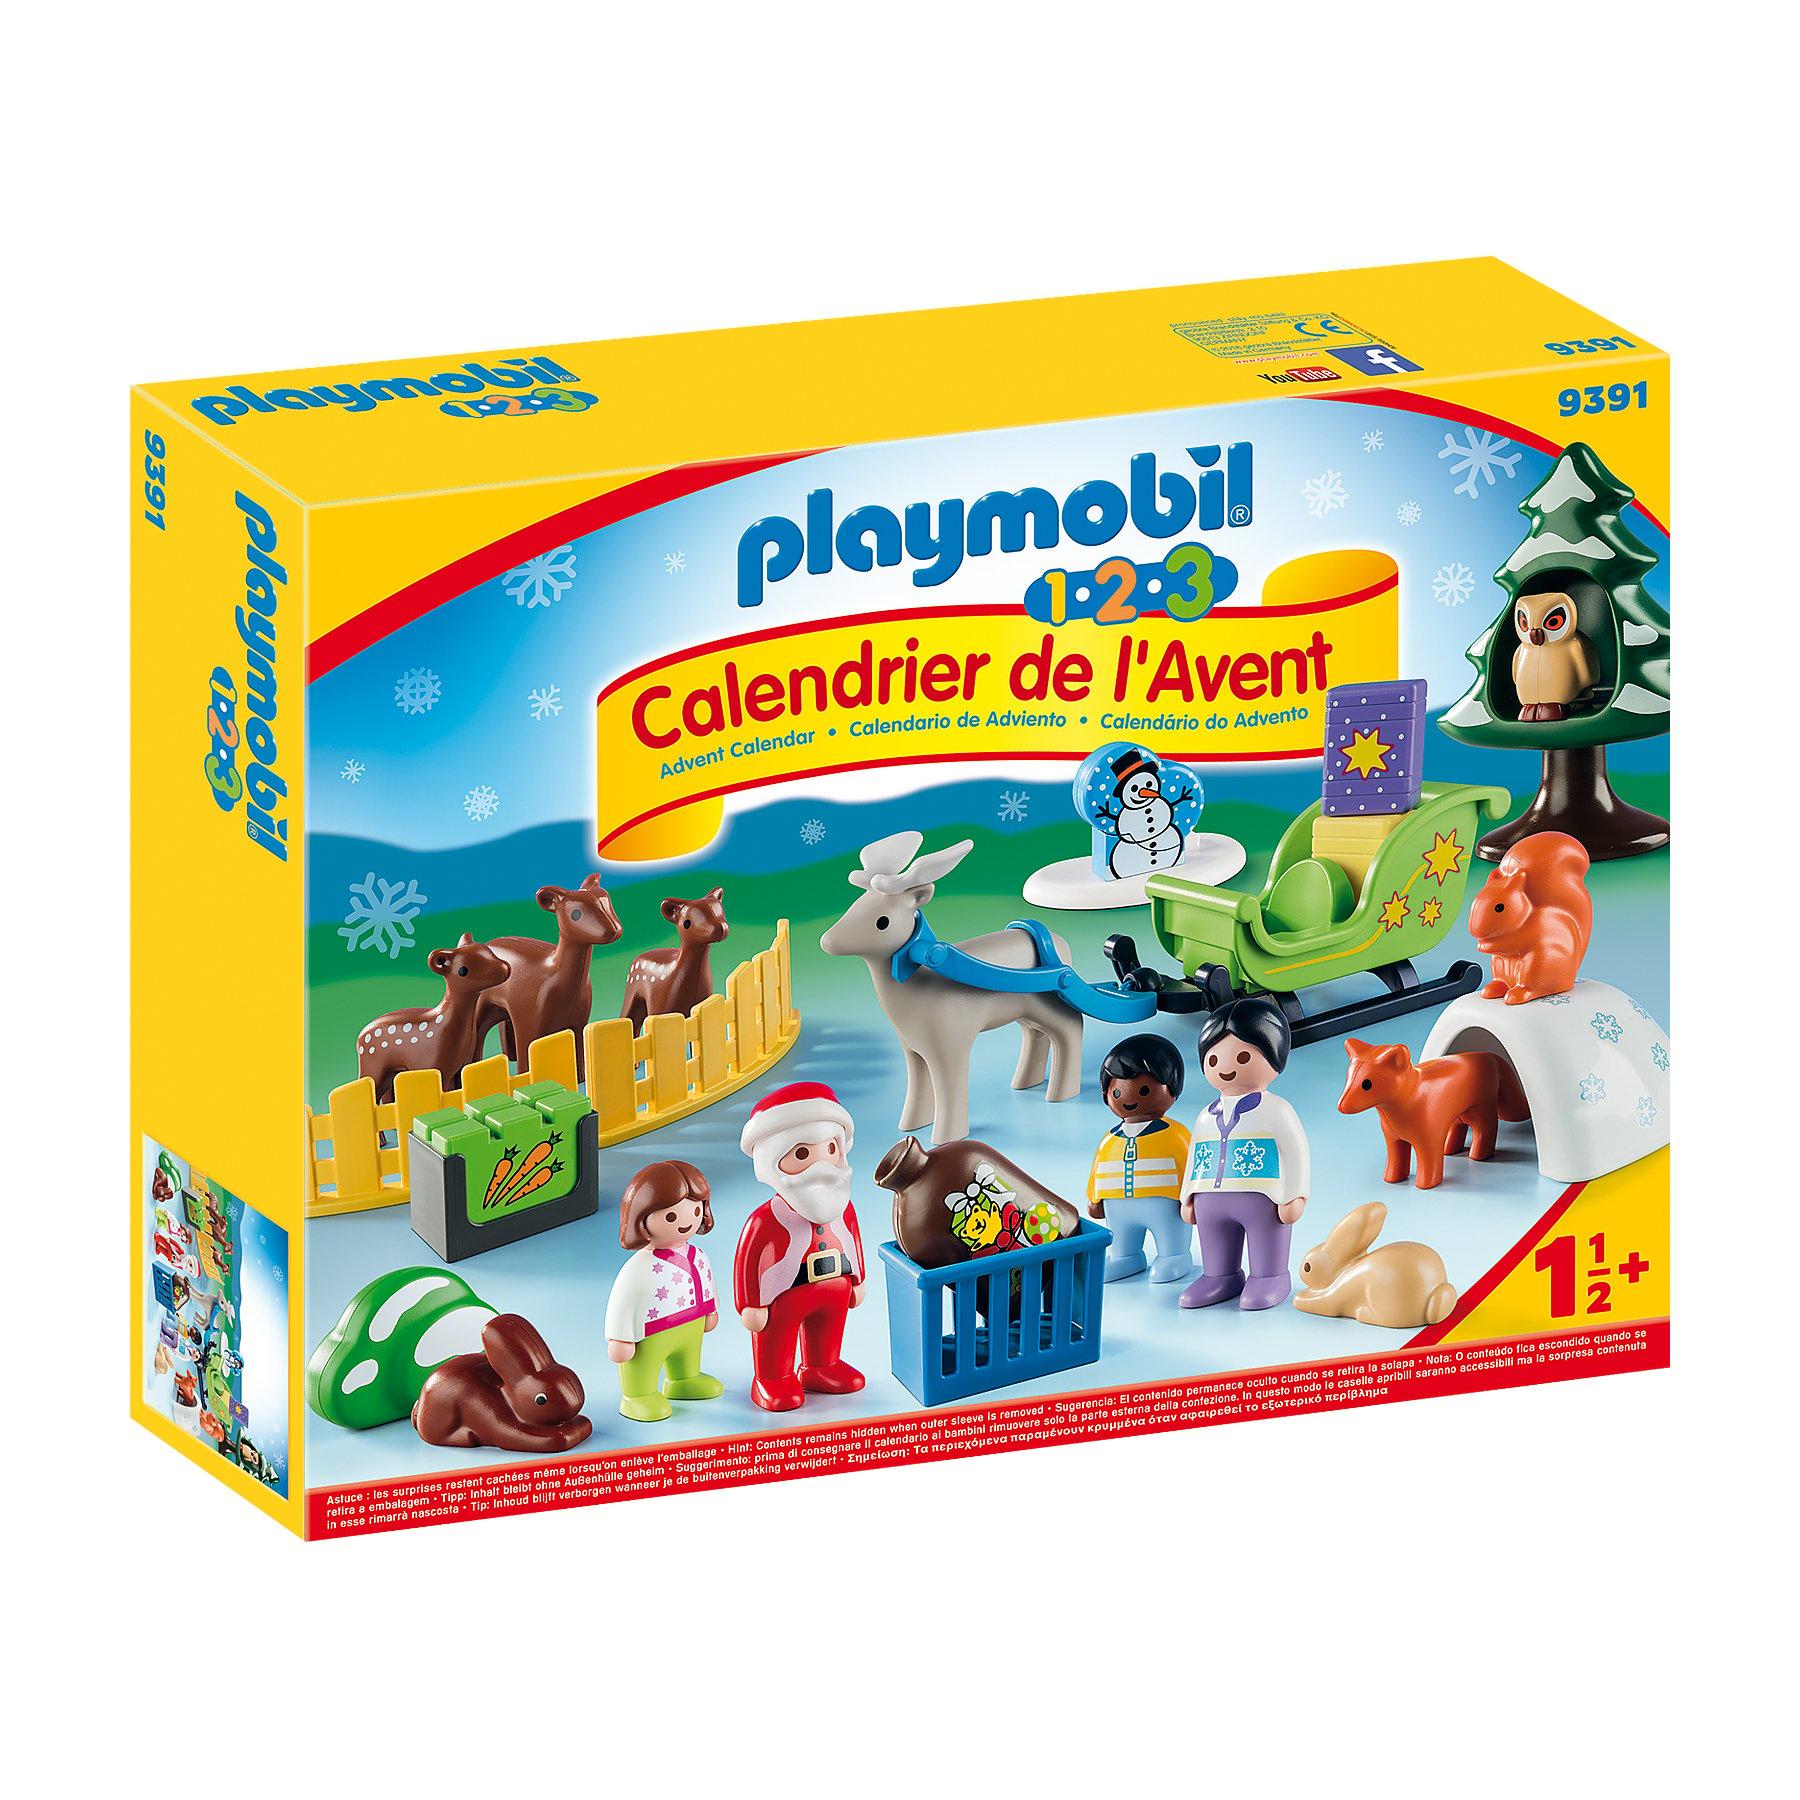 Calendrier de l'avent 1.2.3 Père Noël Multicolore de Playmobil